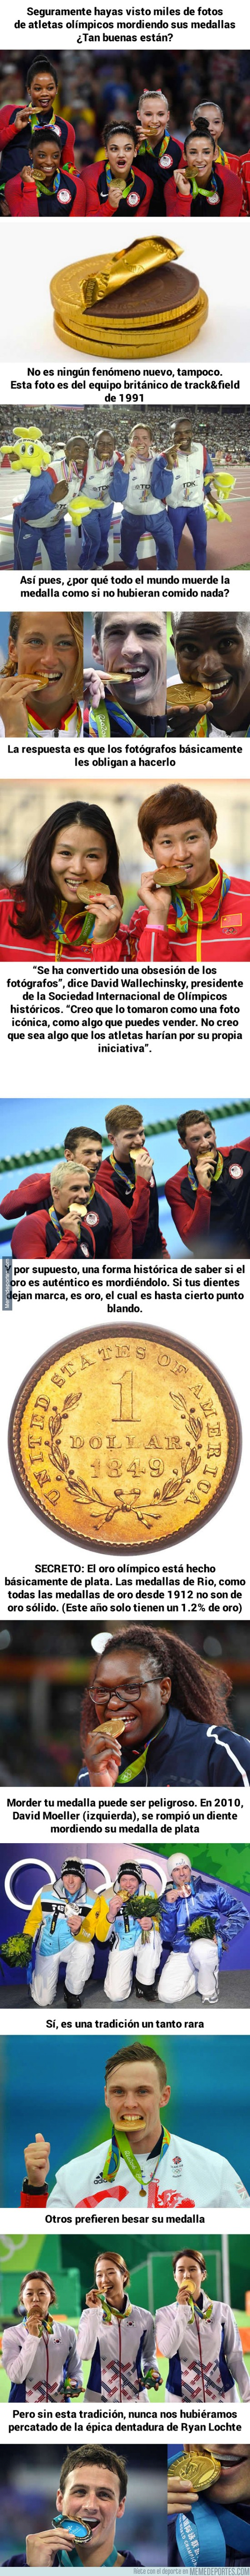 898677 - El motivo por el cual los atletas muerden sus medallas